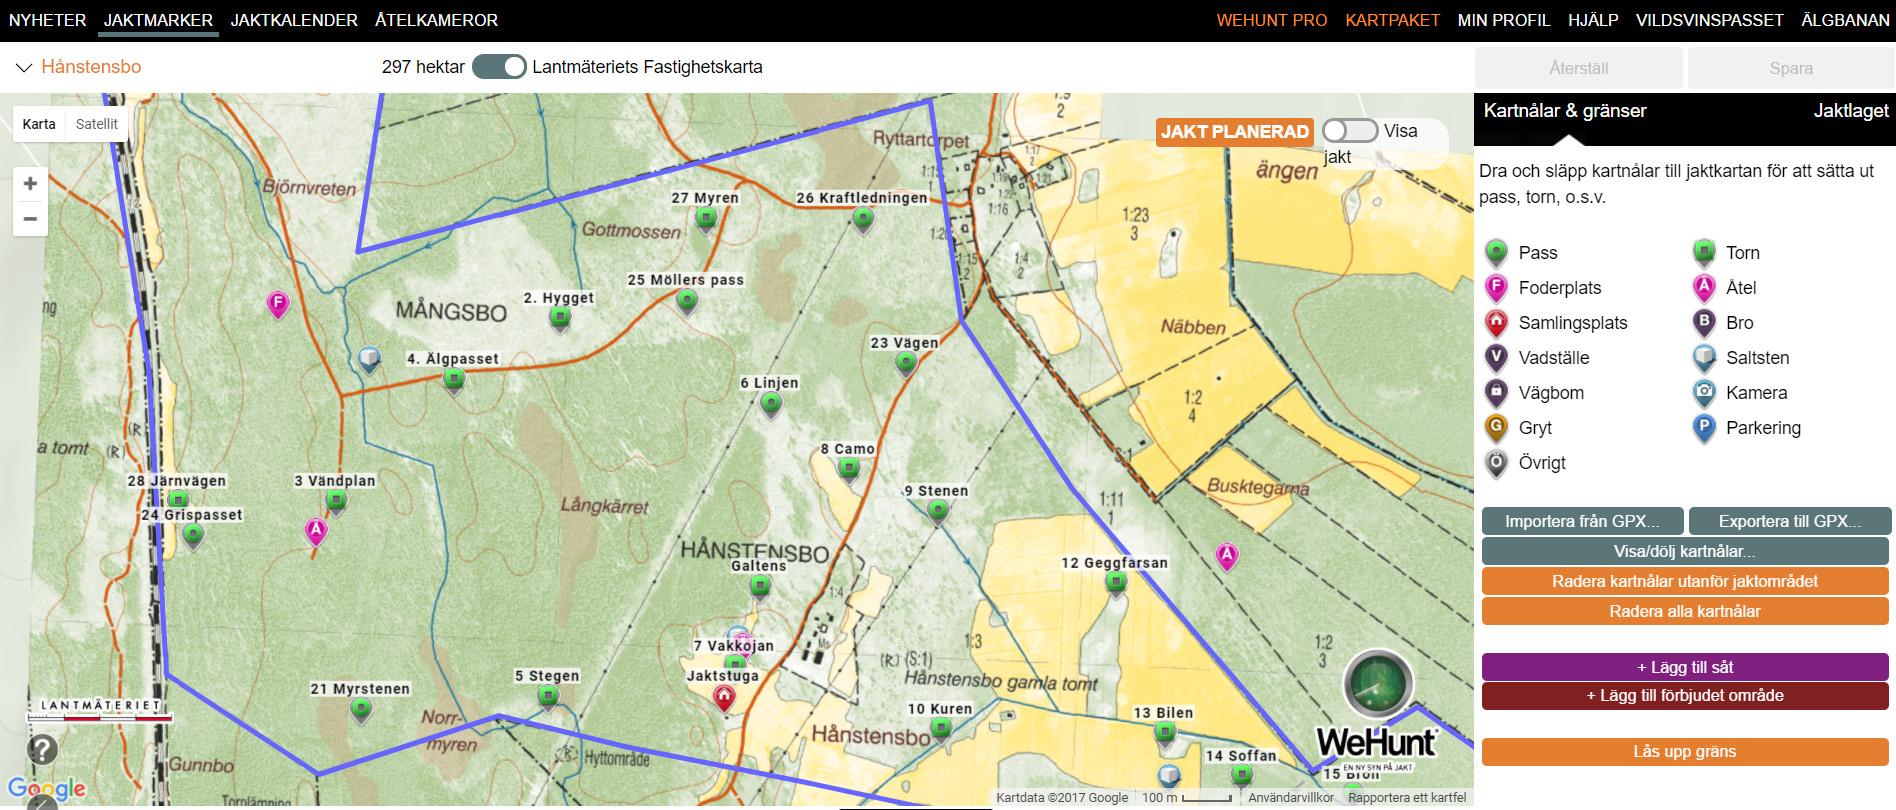 Planera, bjud in, markera gränser mm genom att logga in på WeHunts hemsida eller direkt i appen.